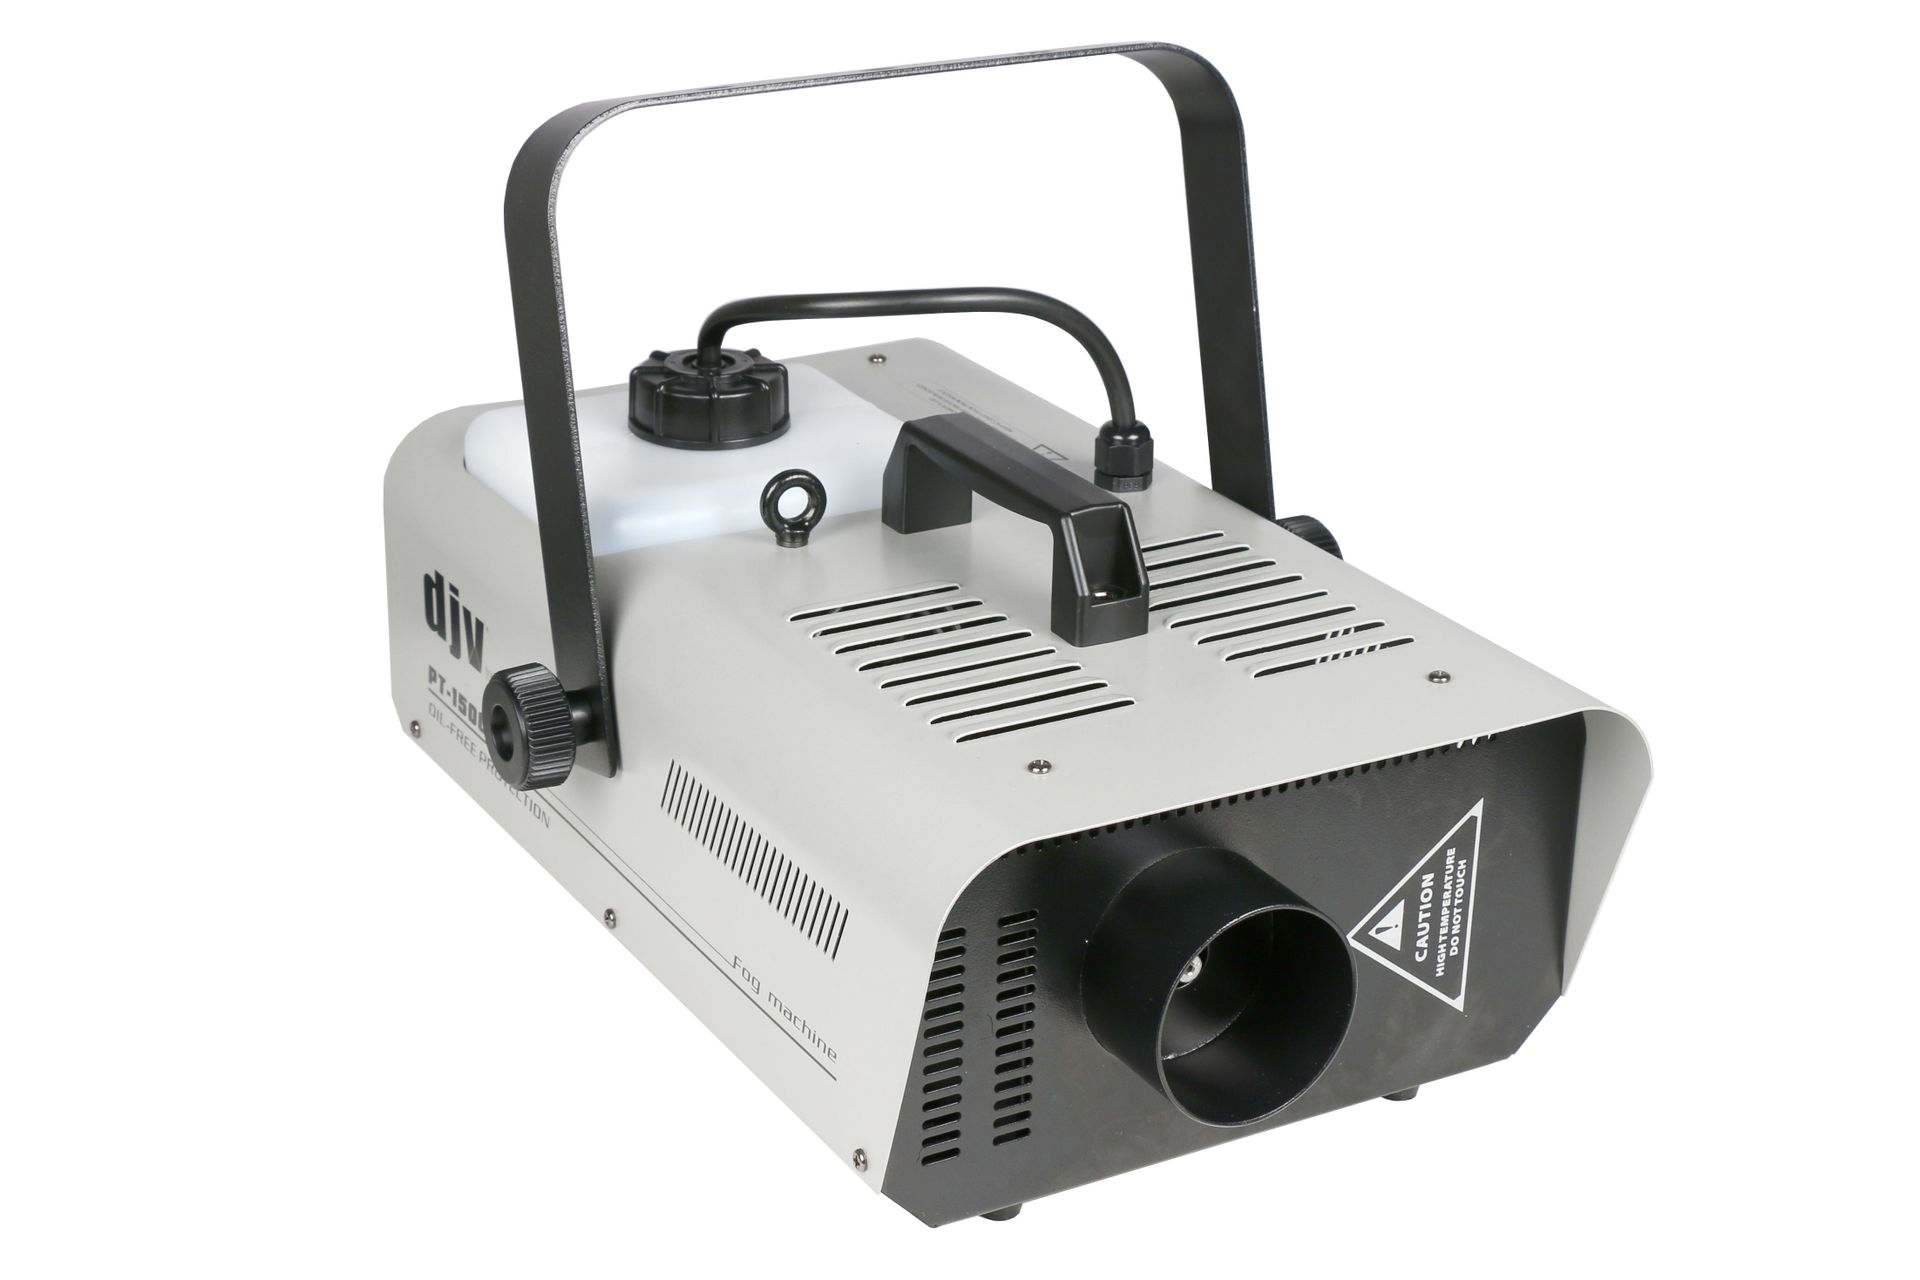 DJ Power PT-1500 Nebelmaschine inkl. Funk- und Kabelfernbedienung